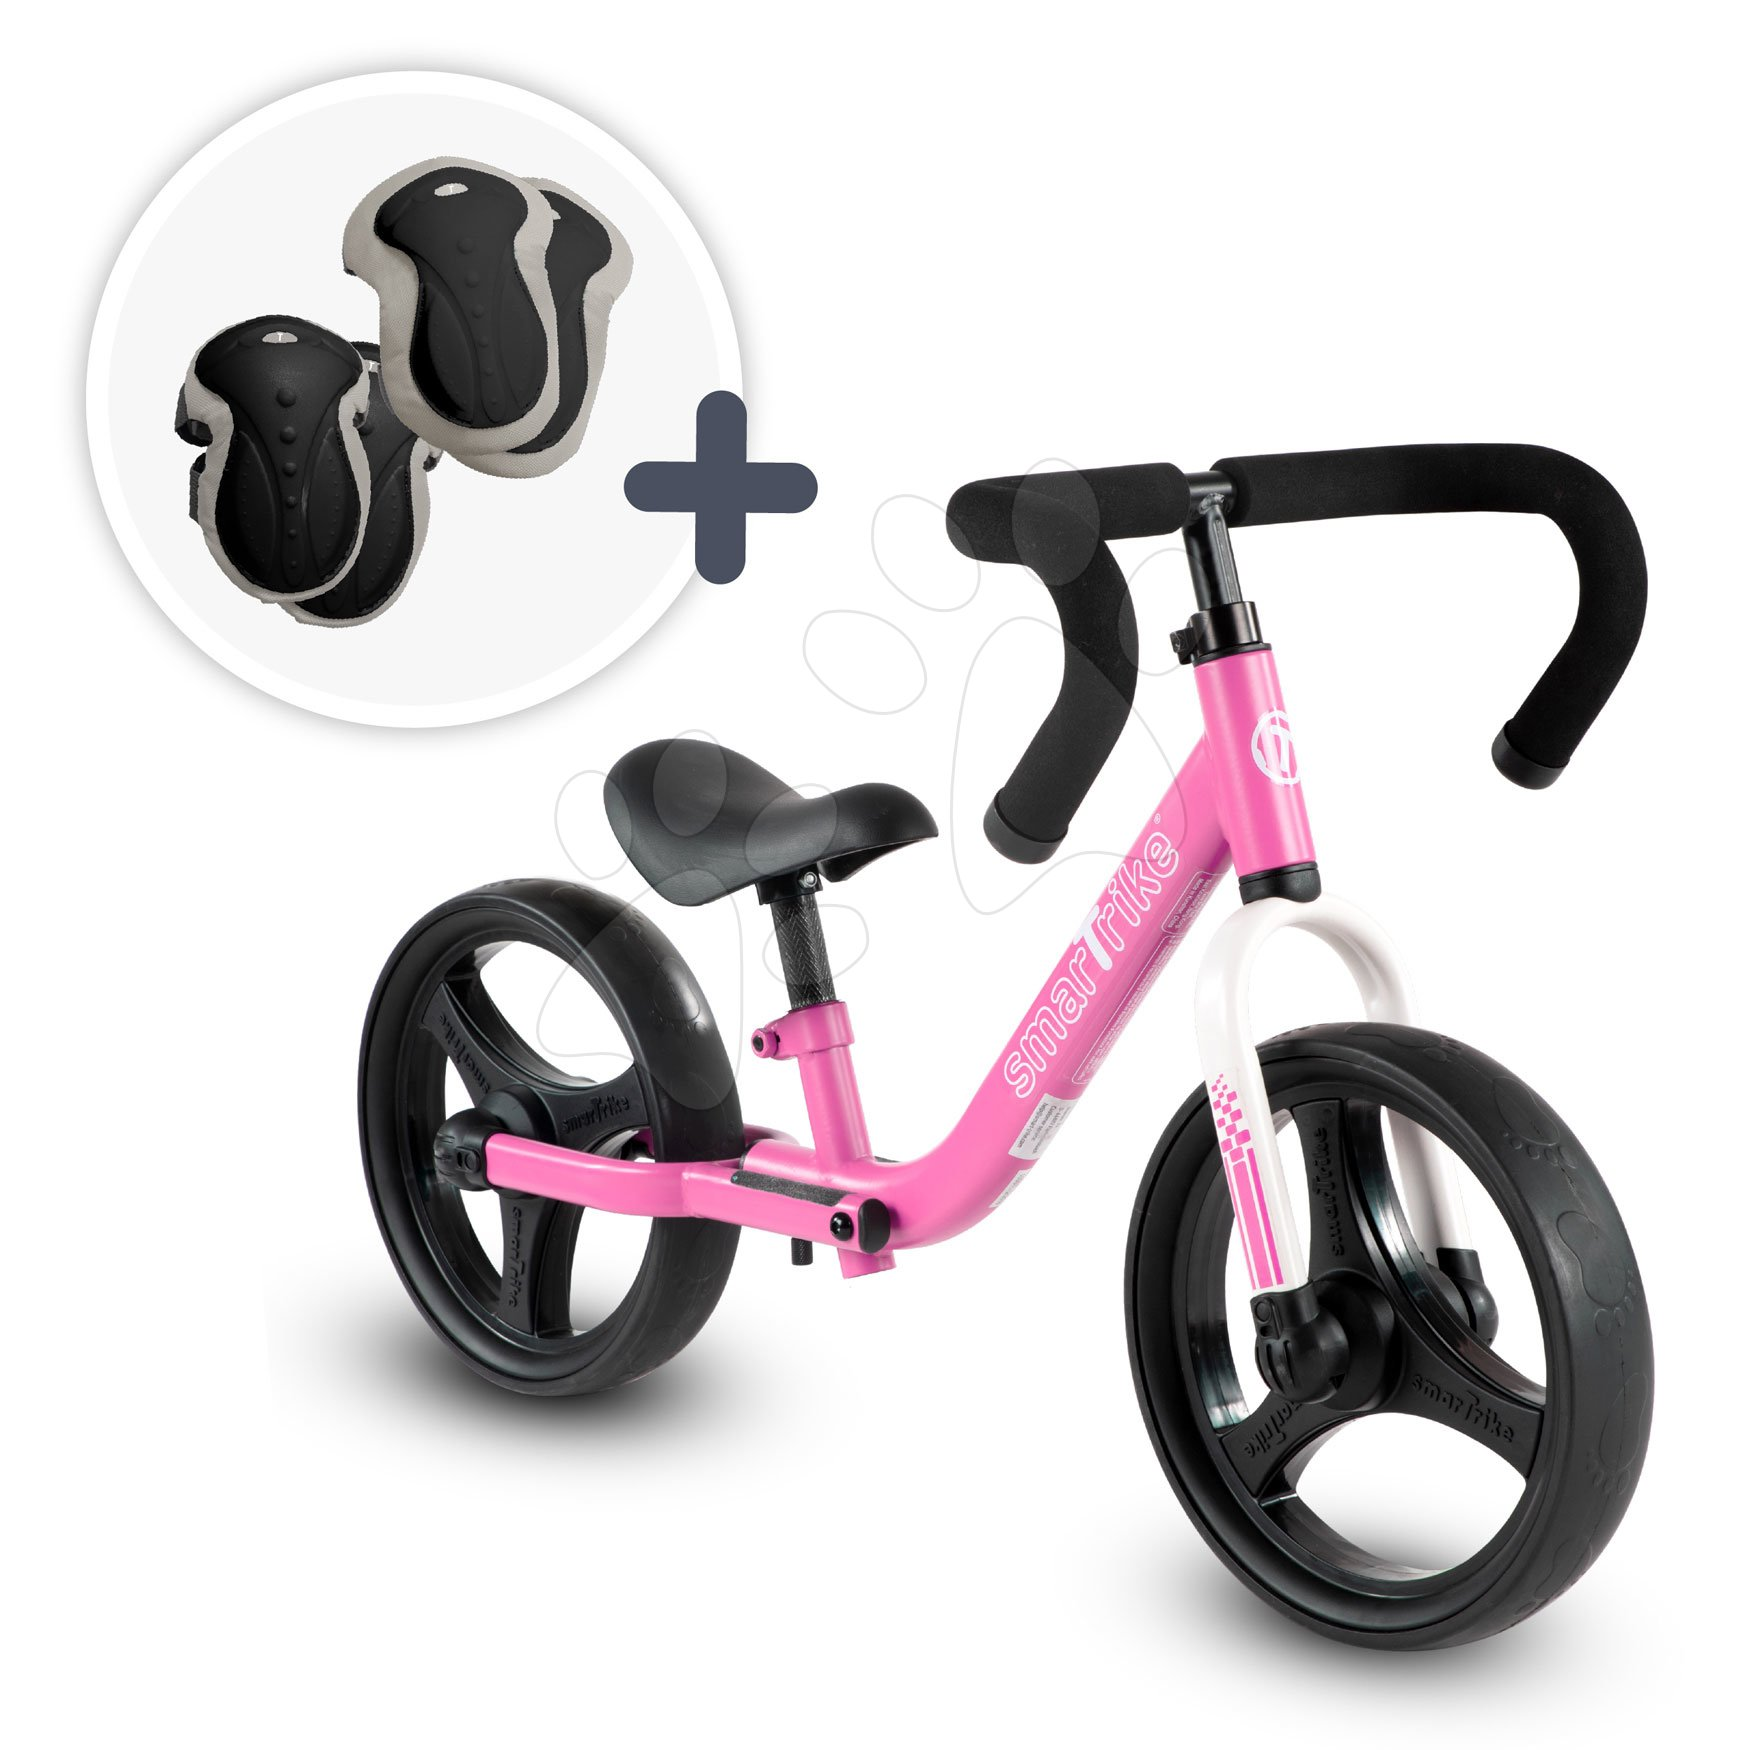 Balanční odrážedlo skládací Folding Balance Bike Pink smarTrike růžové z hliníku s ergonomickými úchyty od 2–5 let a chrániče jako dárek